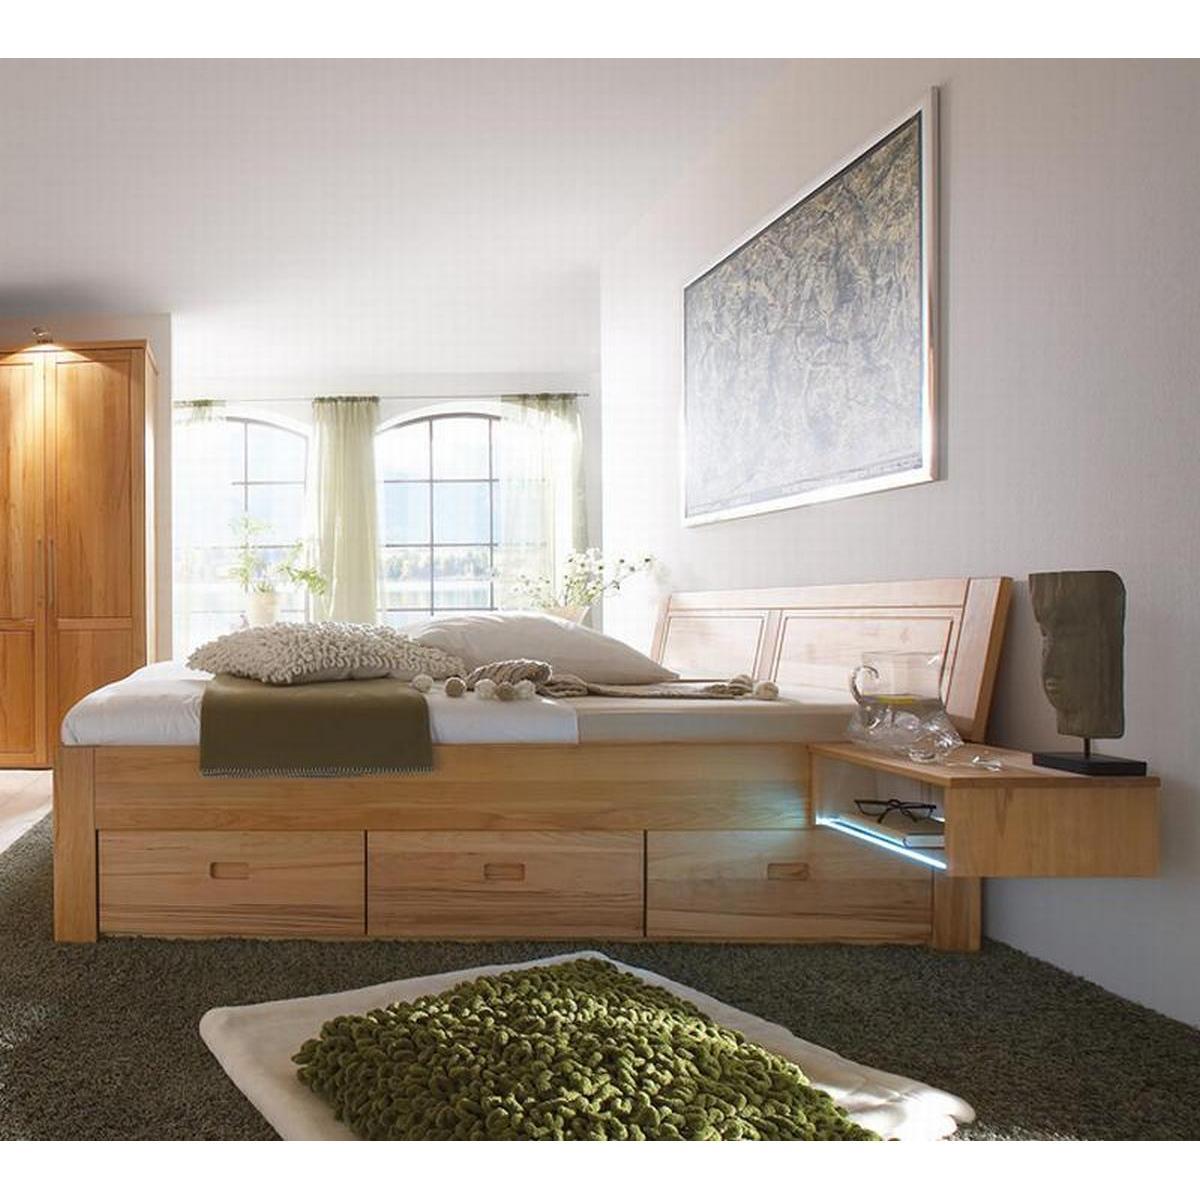 Eckschrank schlafzimmer landhausstil ~ Schlafzimmer Ikea Schlafzimmer